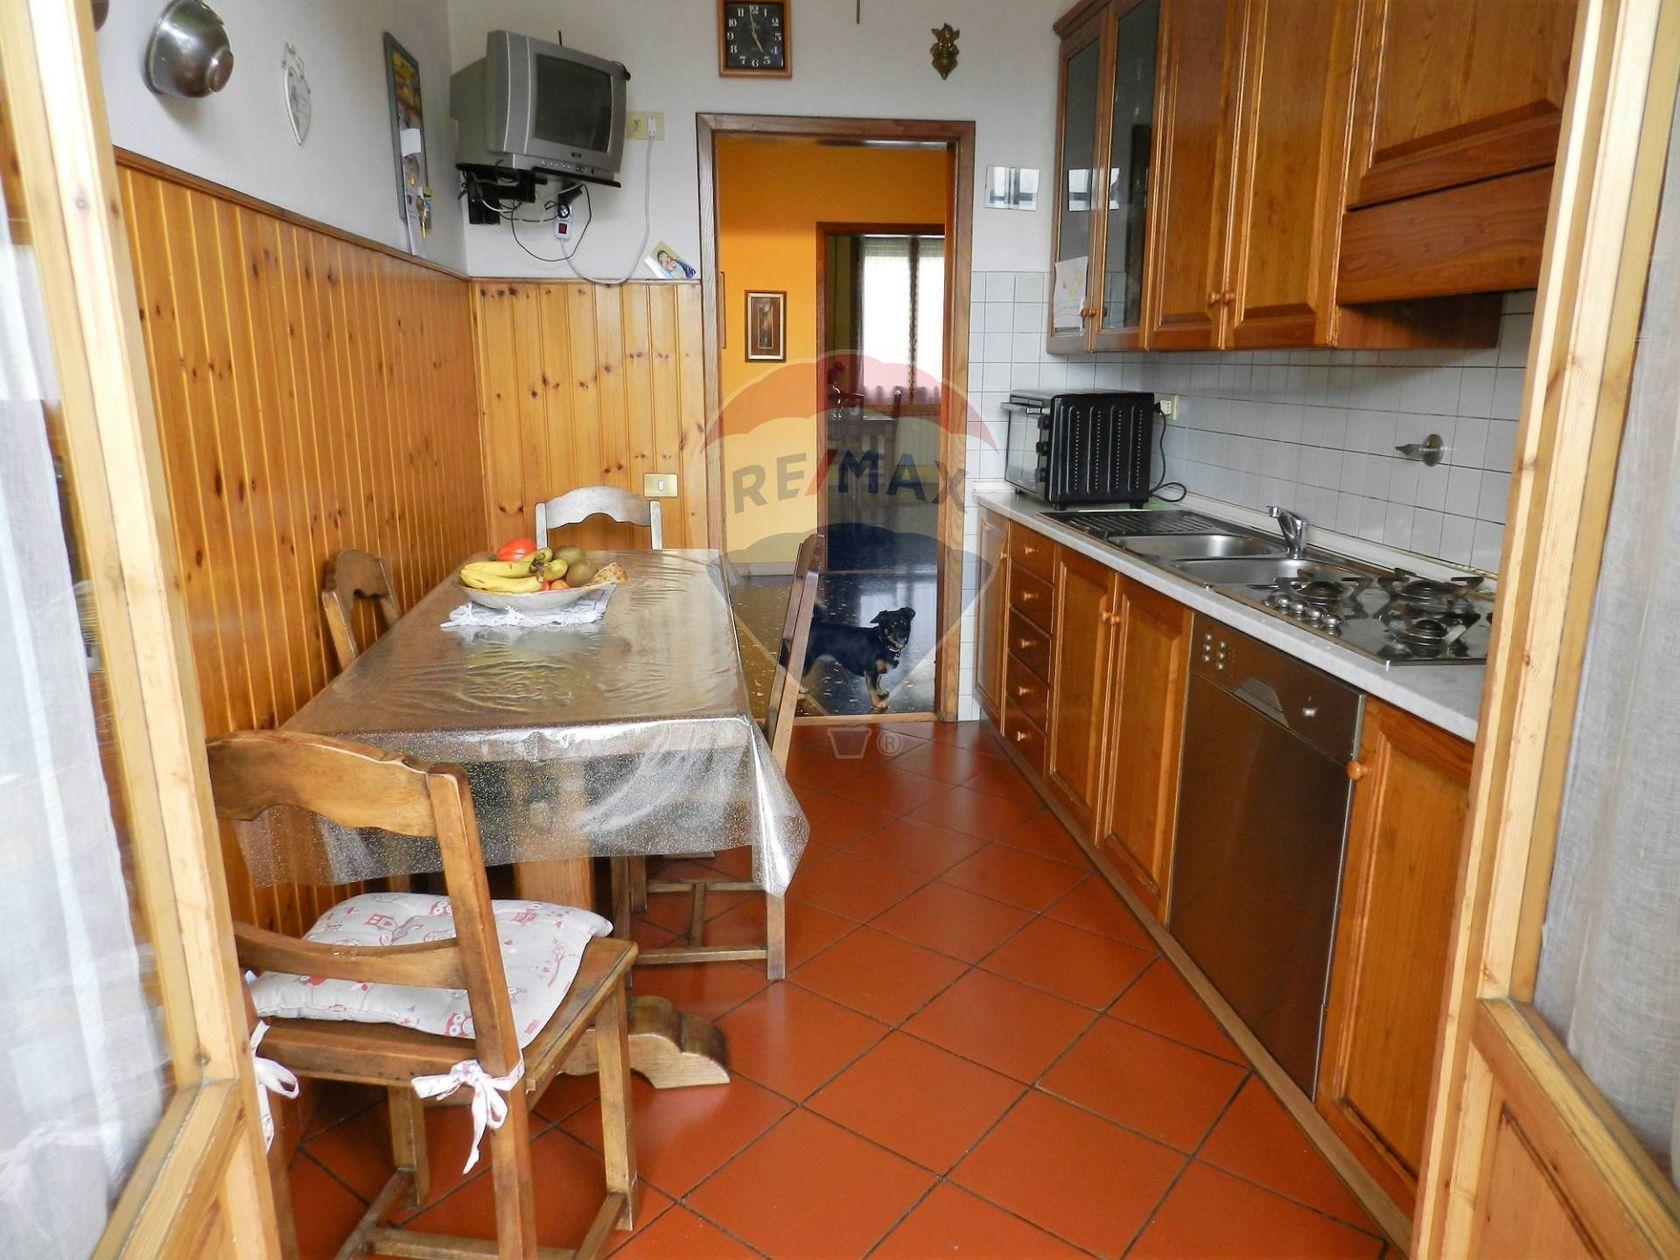 Appartamento Firenze - Porta A Prato San Jacopino Fortezza, Firenze, FI Vendita - Foto 12